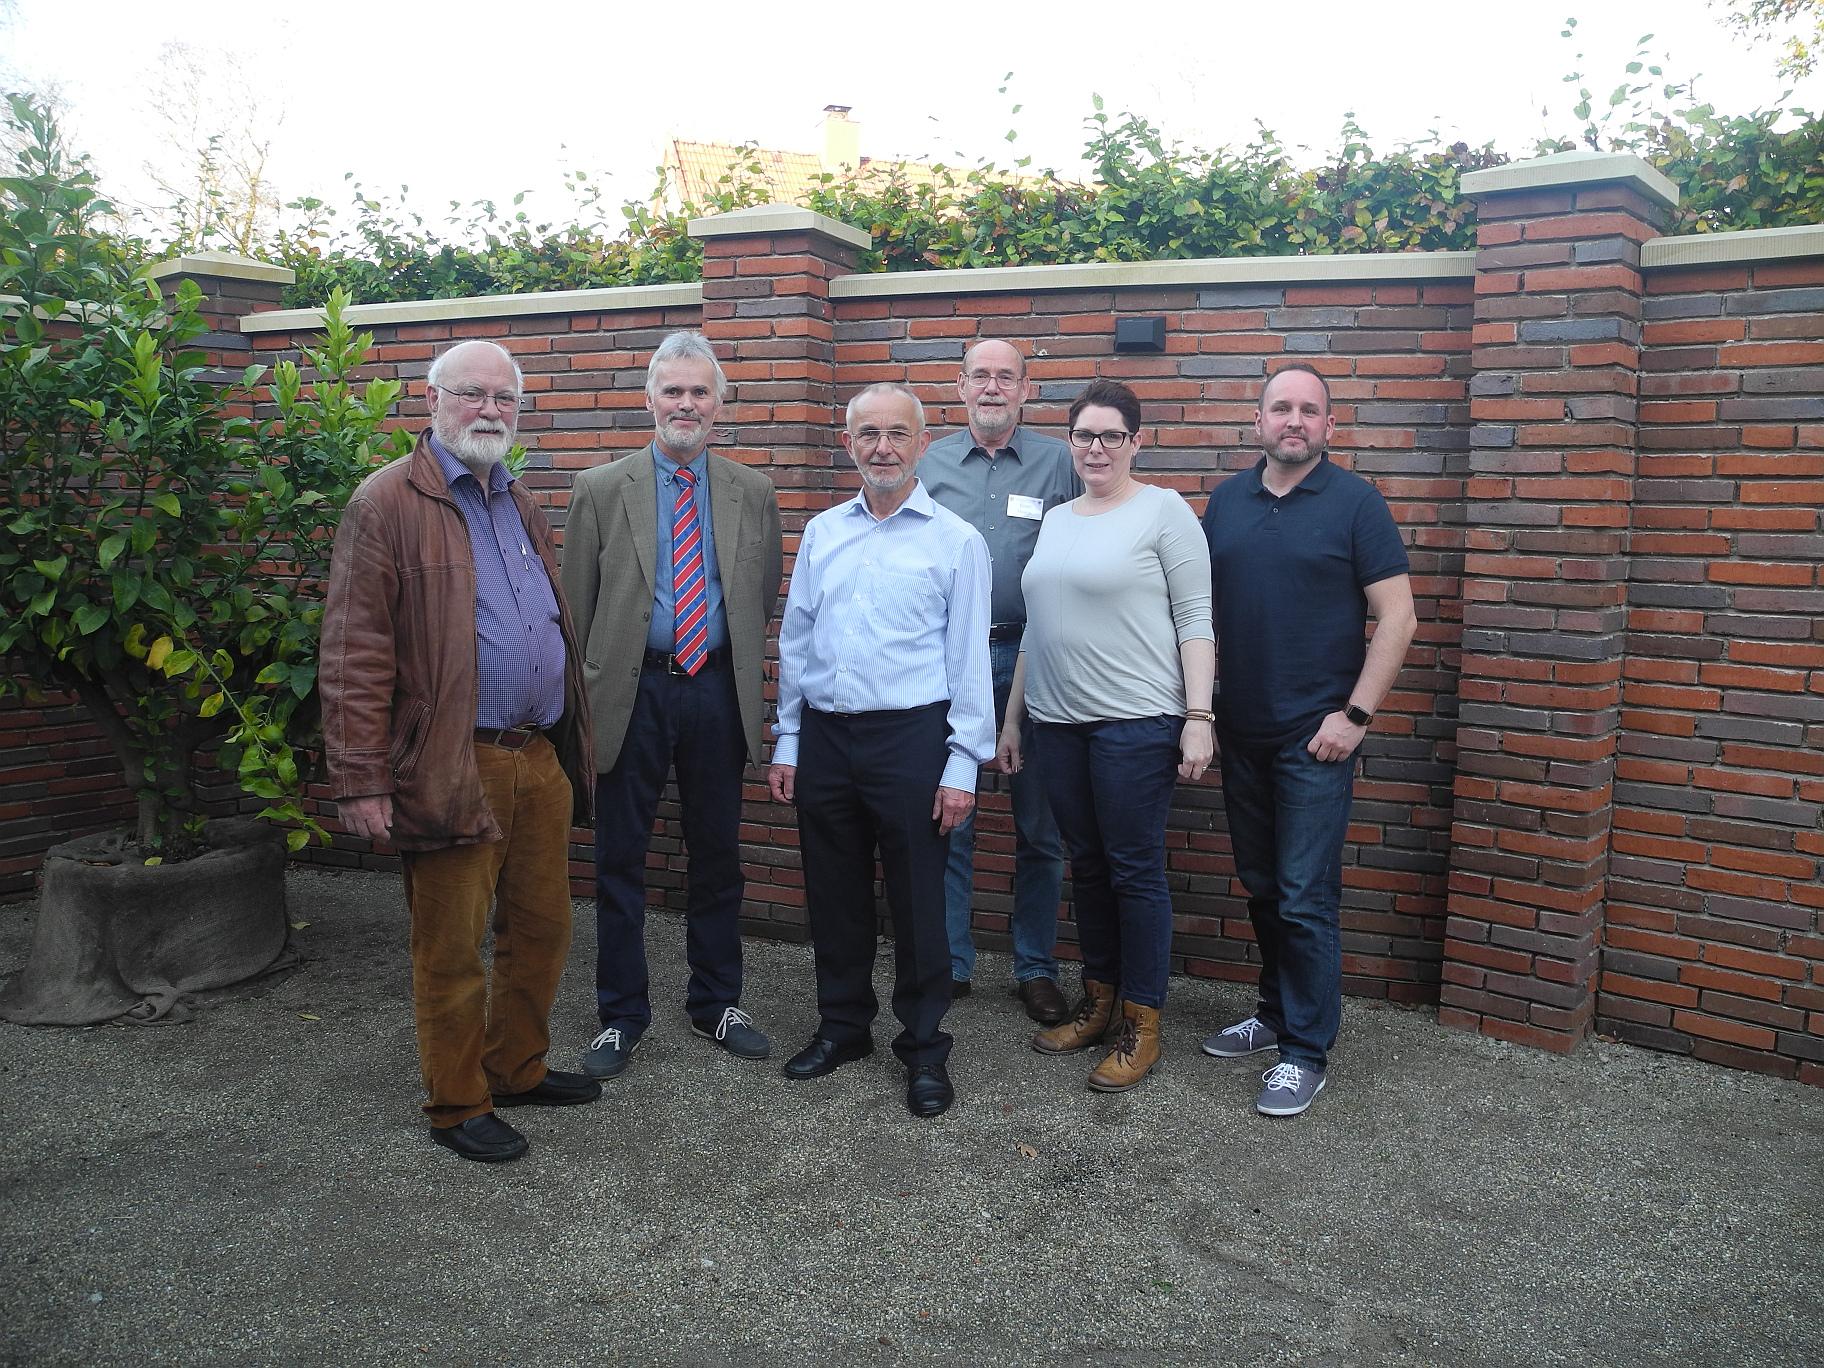 Mitglieder des Vorstandes (v.l.): Werner Krull, Wolfgang Martens, Dierk Feye, Ernst Heinje, Tanja Bals, Timo Kracke